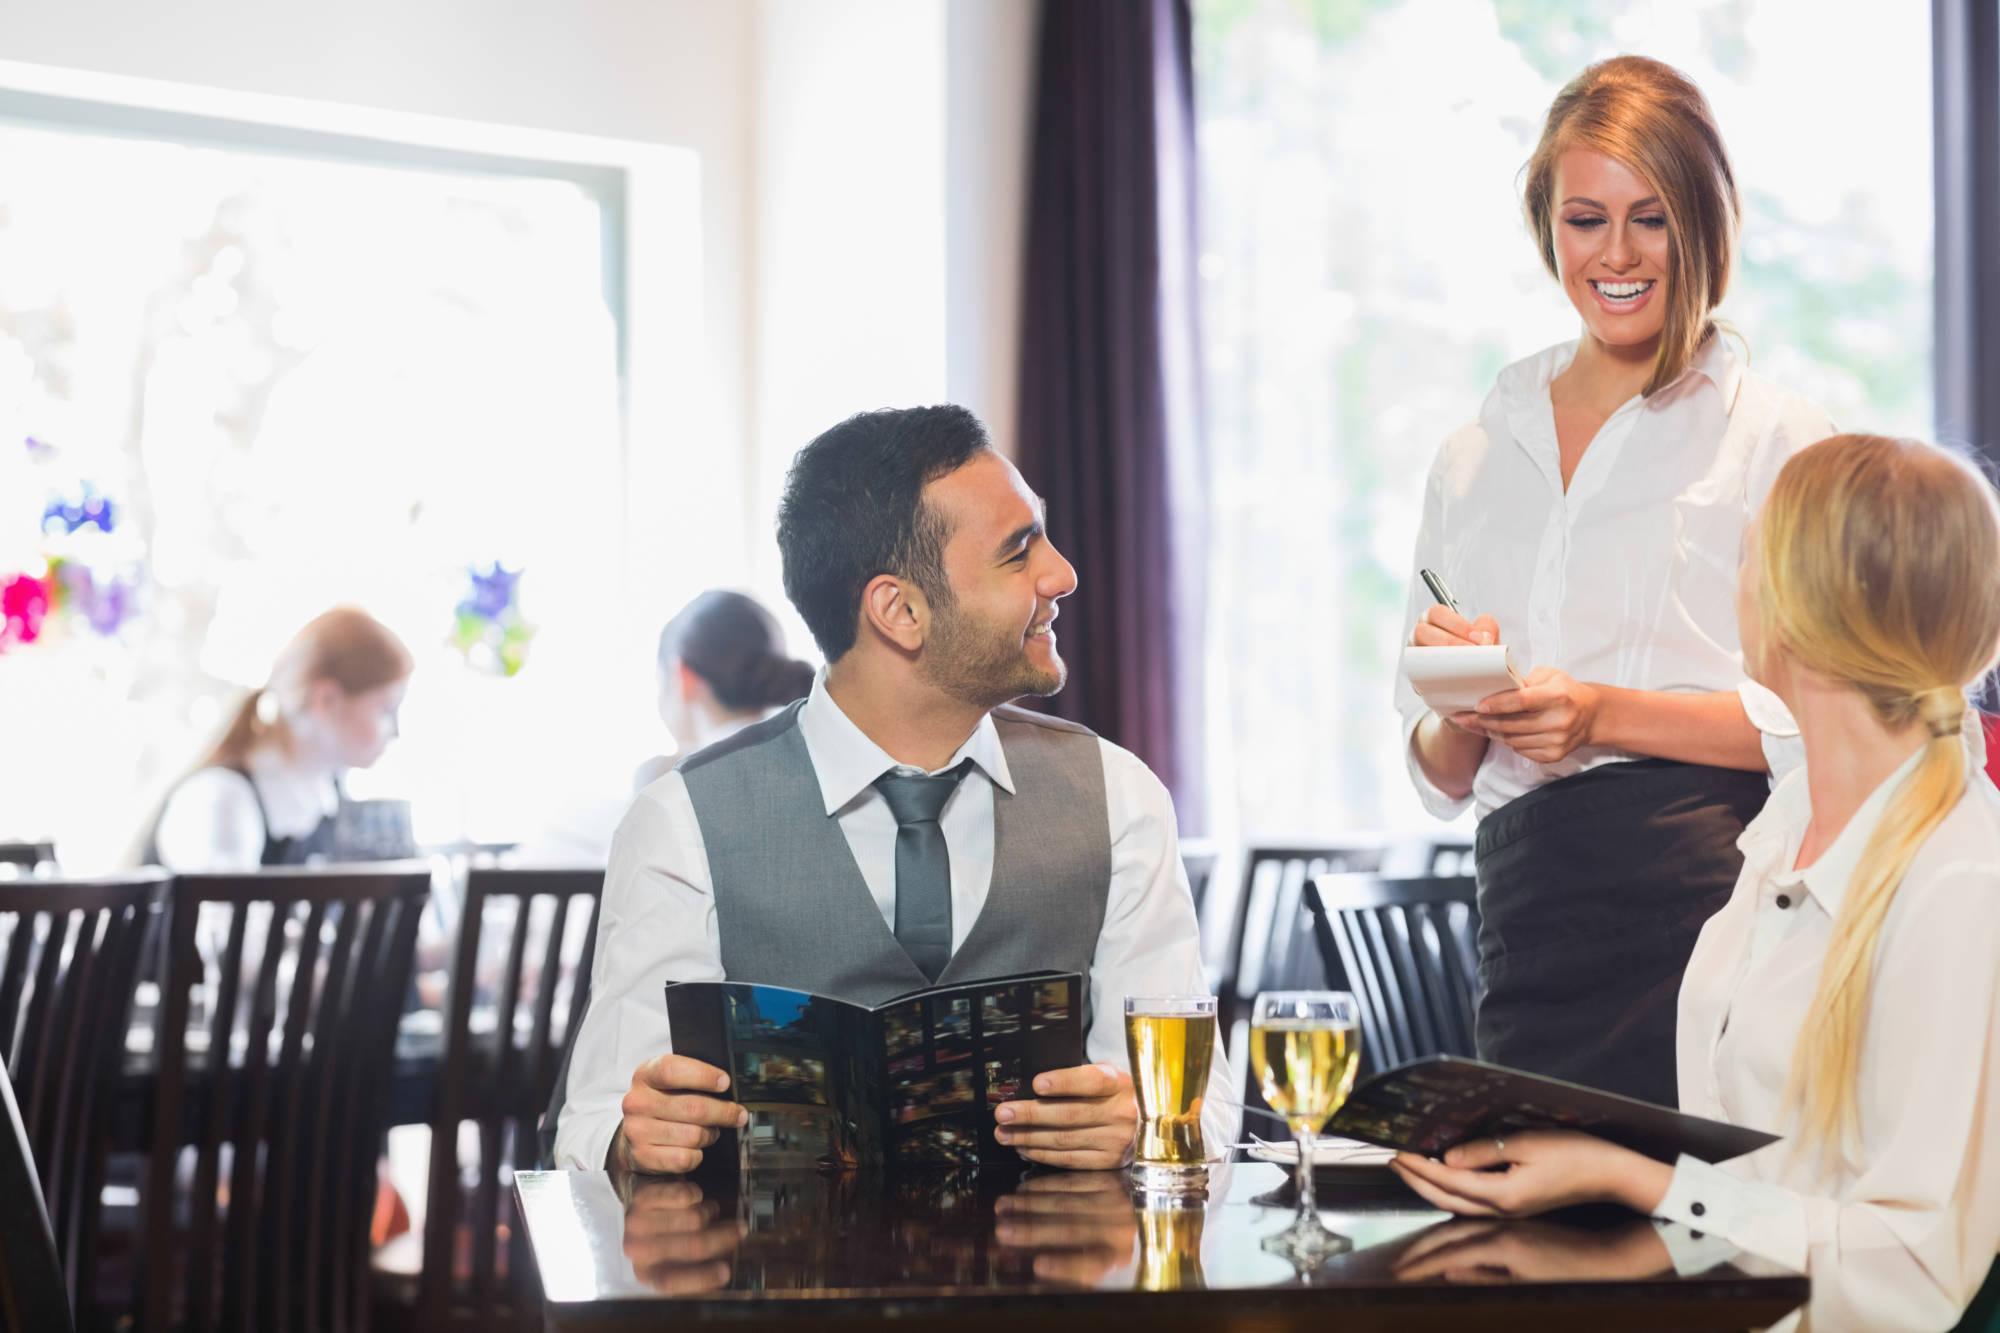 Как не нужно фотографировать человека в ресторане так буд-то